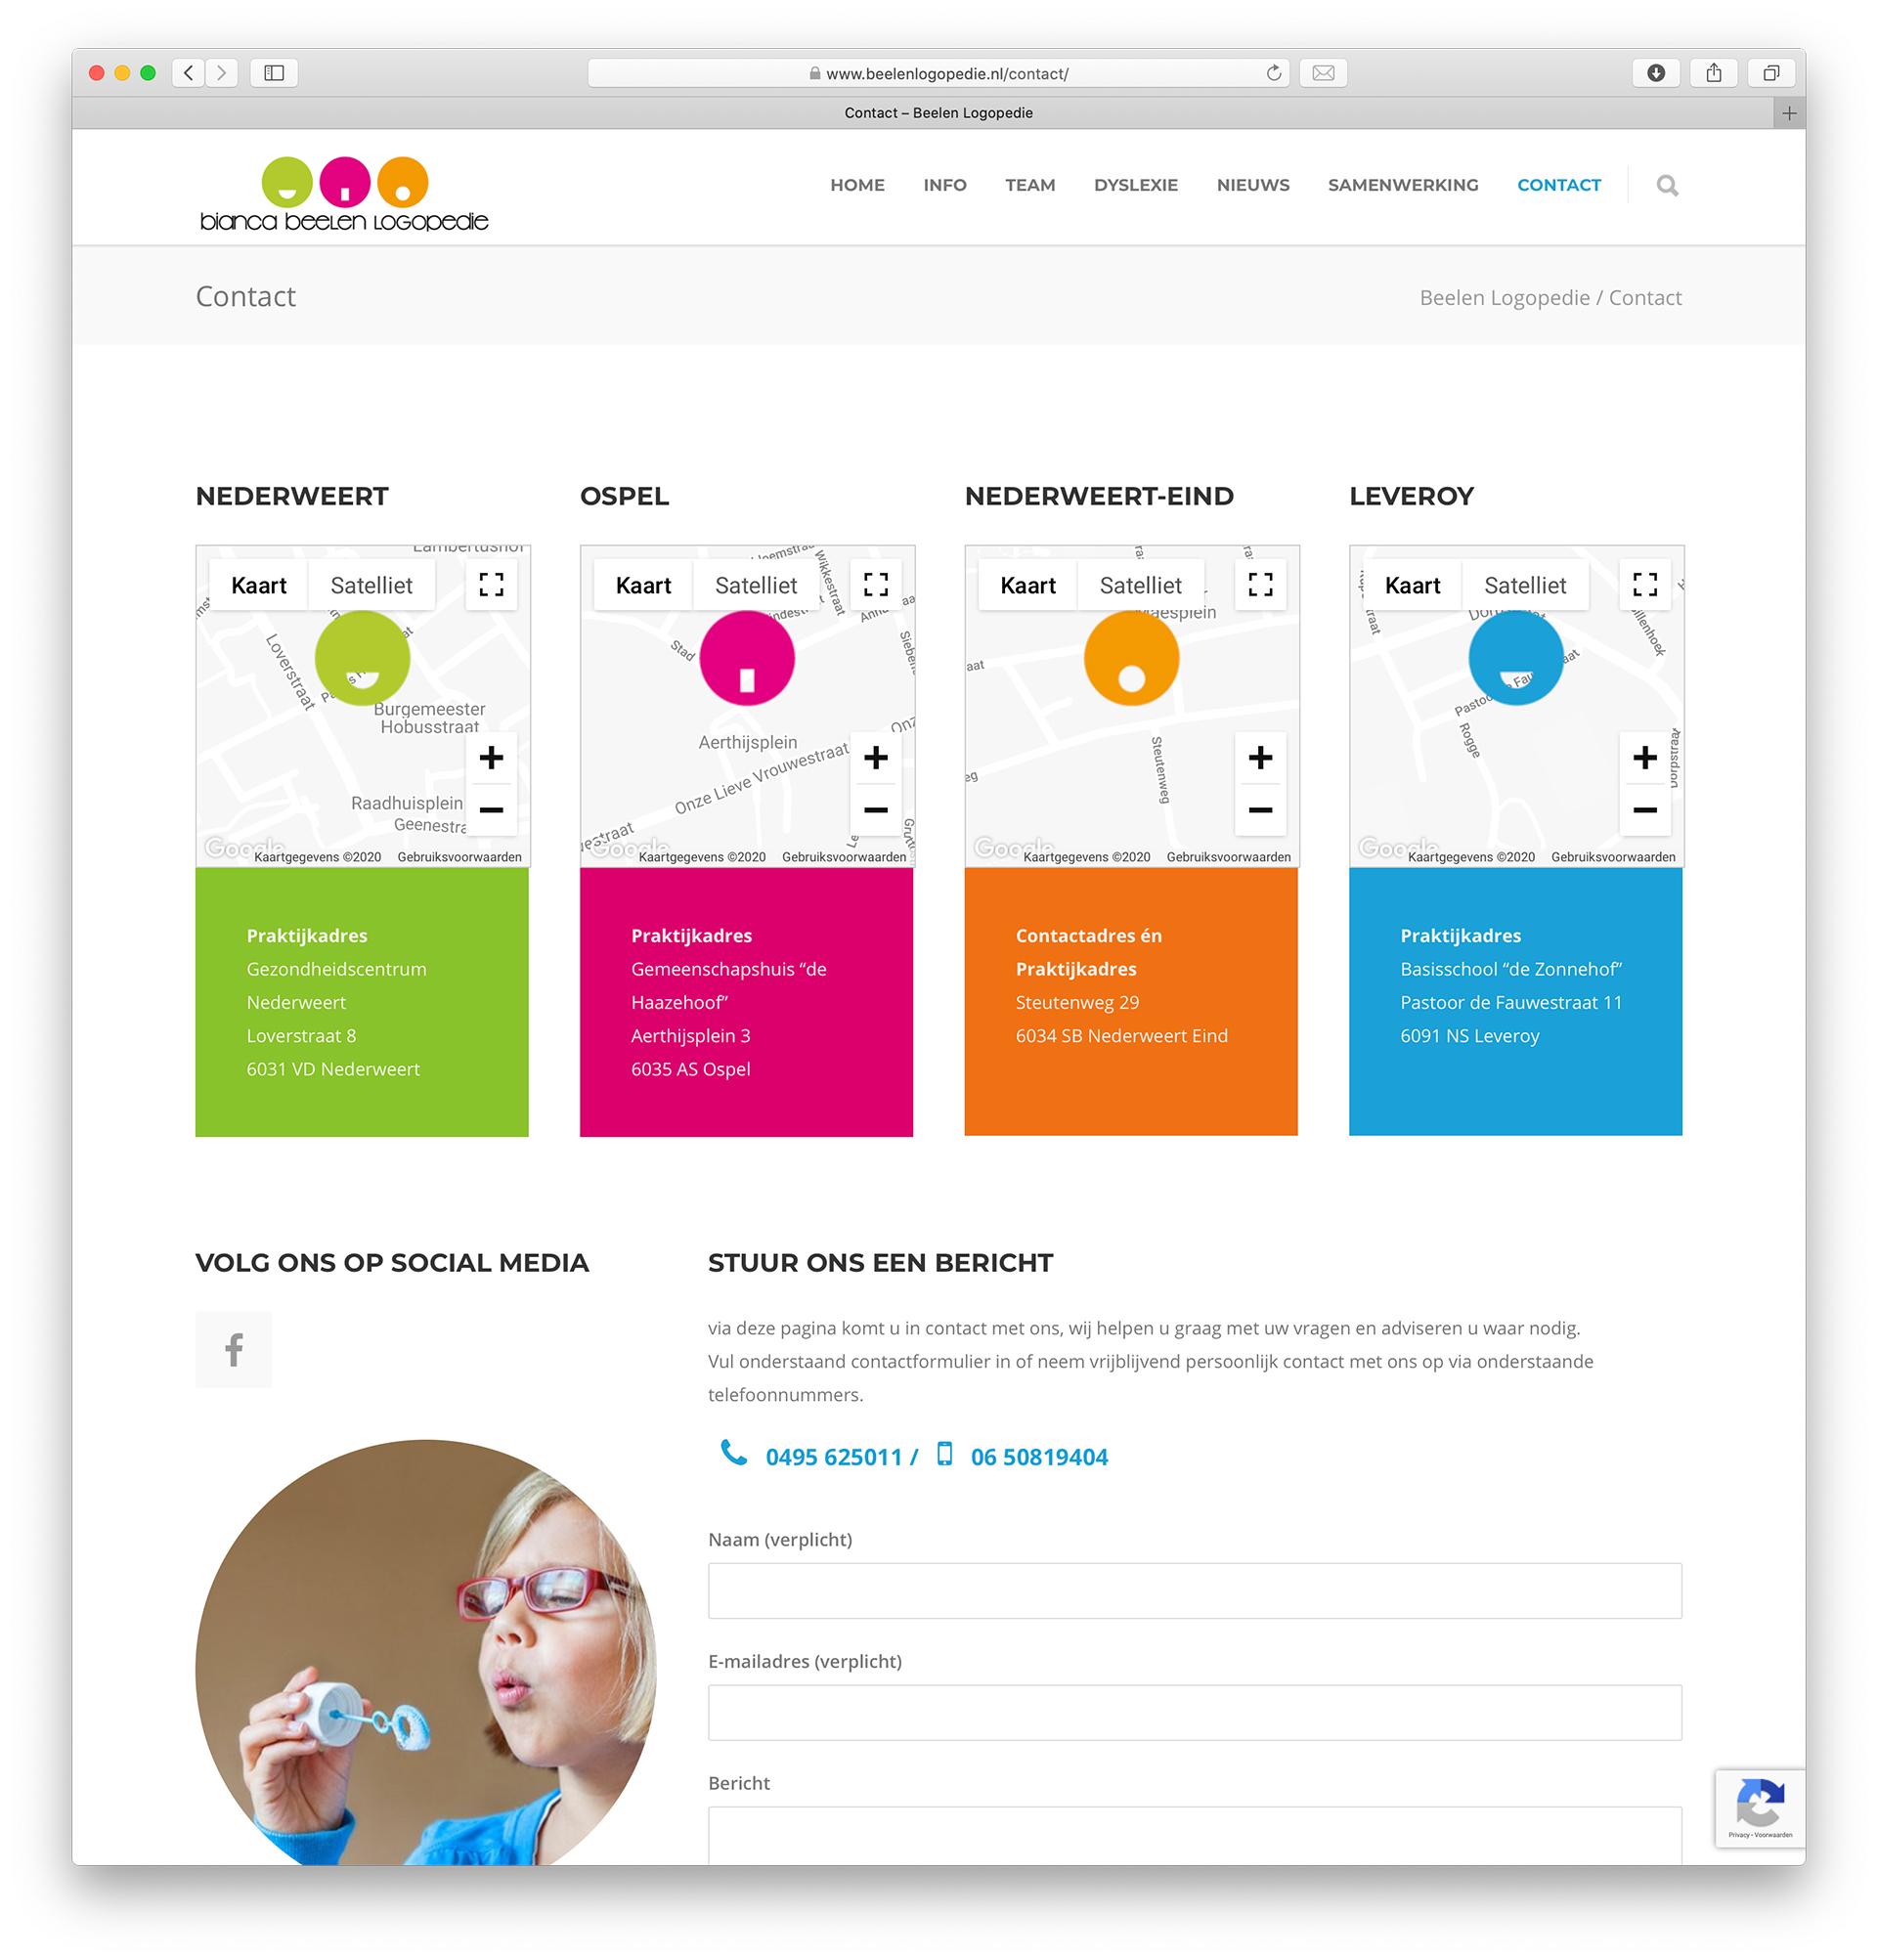 Beelen Logopedie website – contact